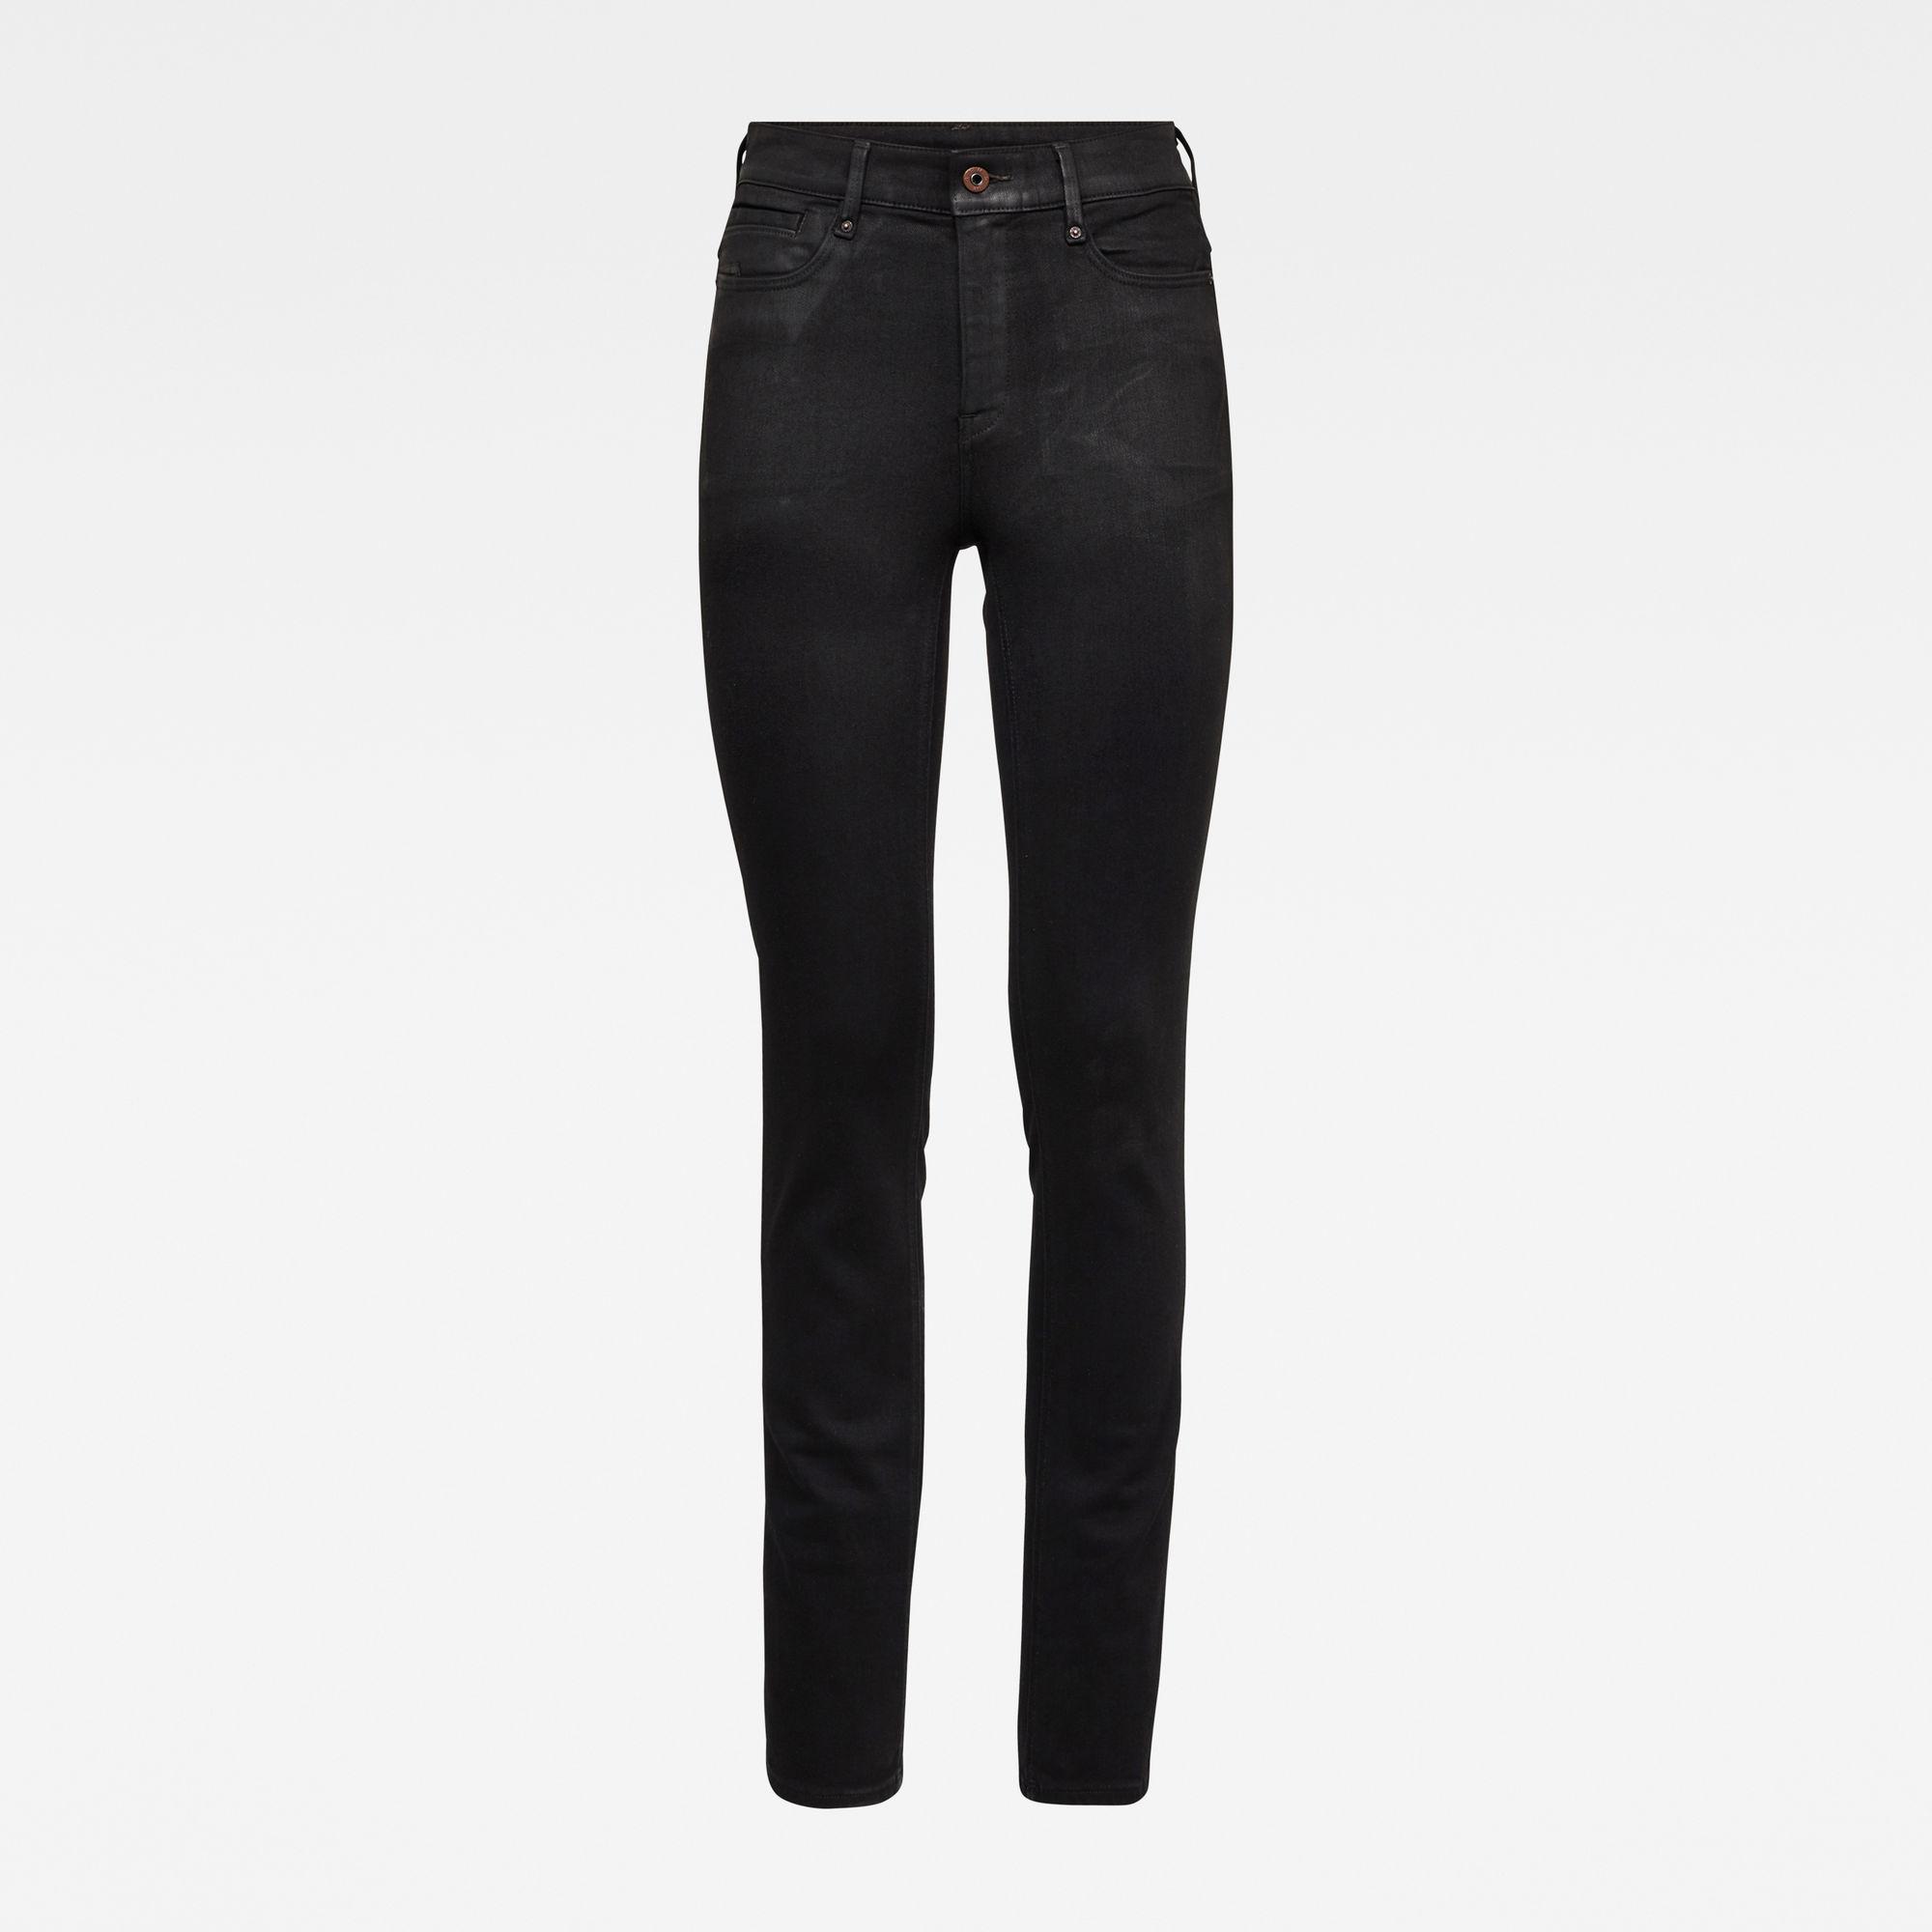 G-Star RAW Dames Noxer Navy Straight Jeans Zwart